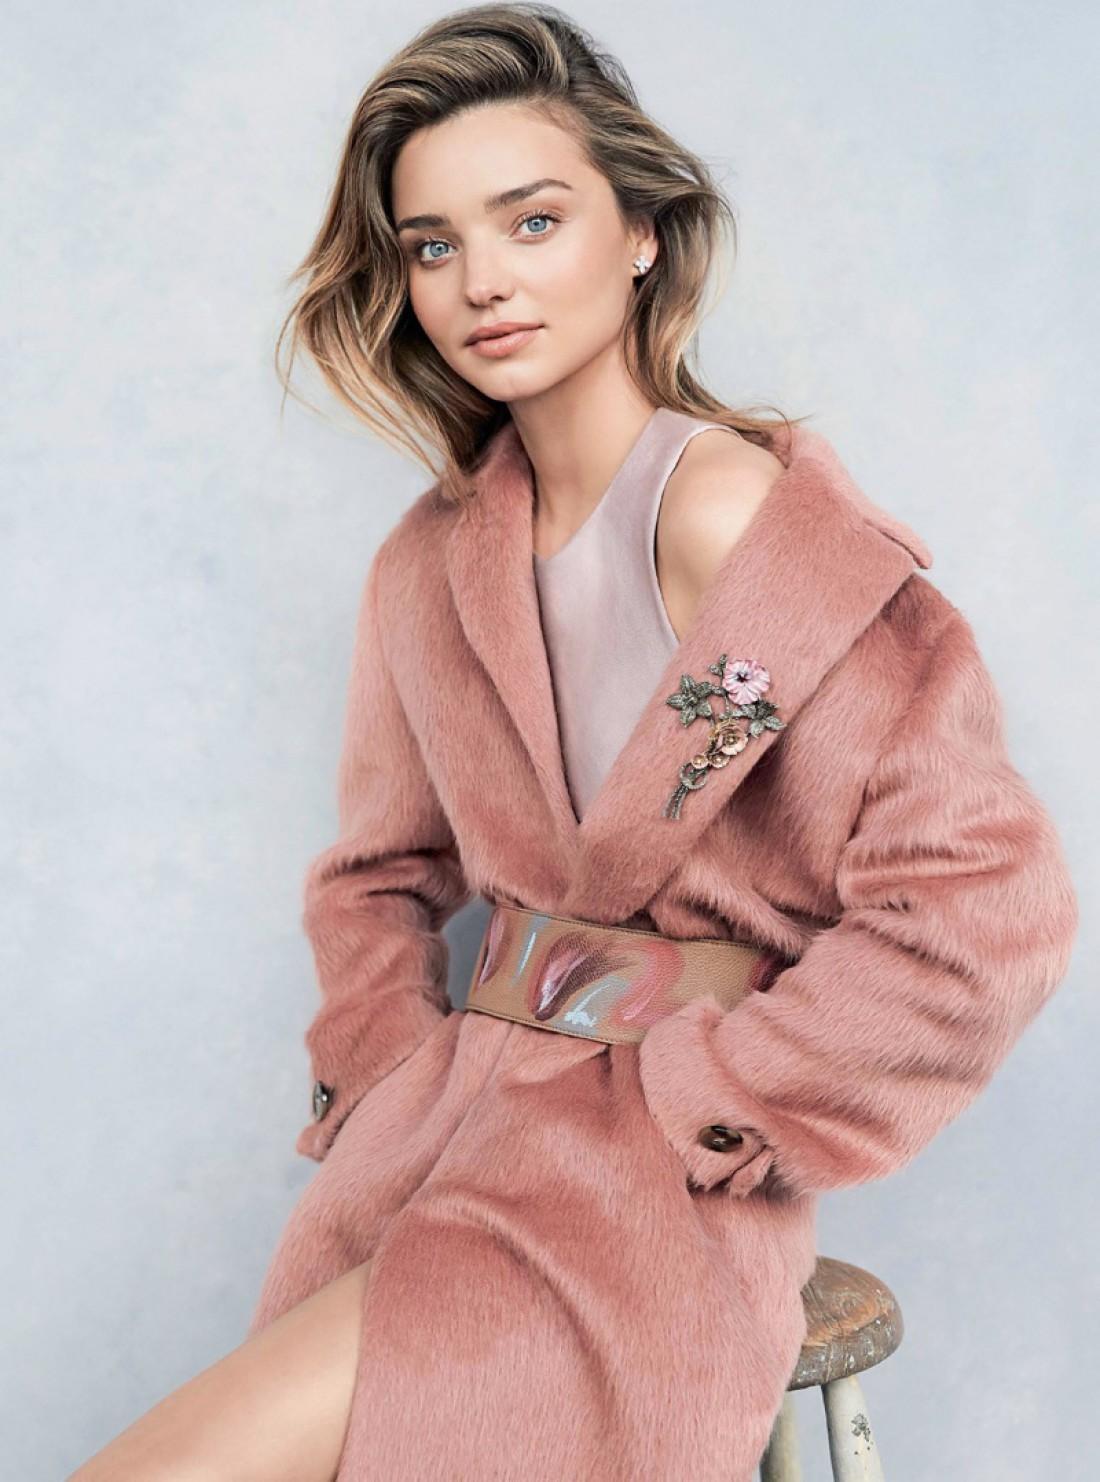 Миранда Керр считается одной из самых красивых моделей современности